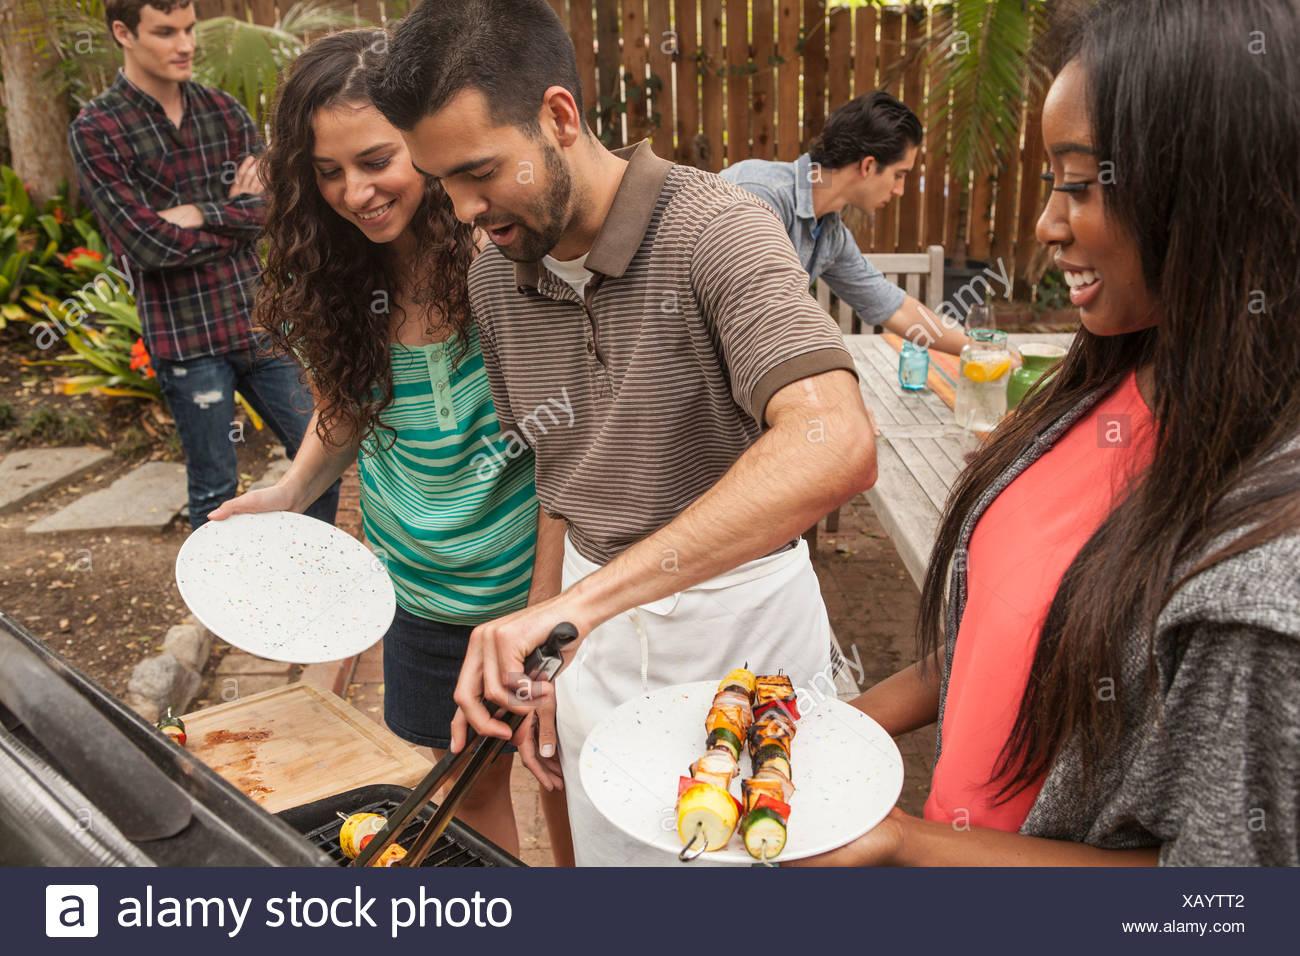 Amis assis autour de la table barbecue partage Banque D'Images